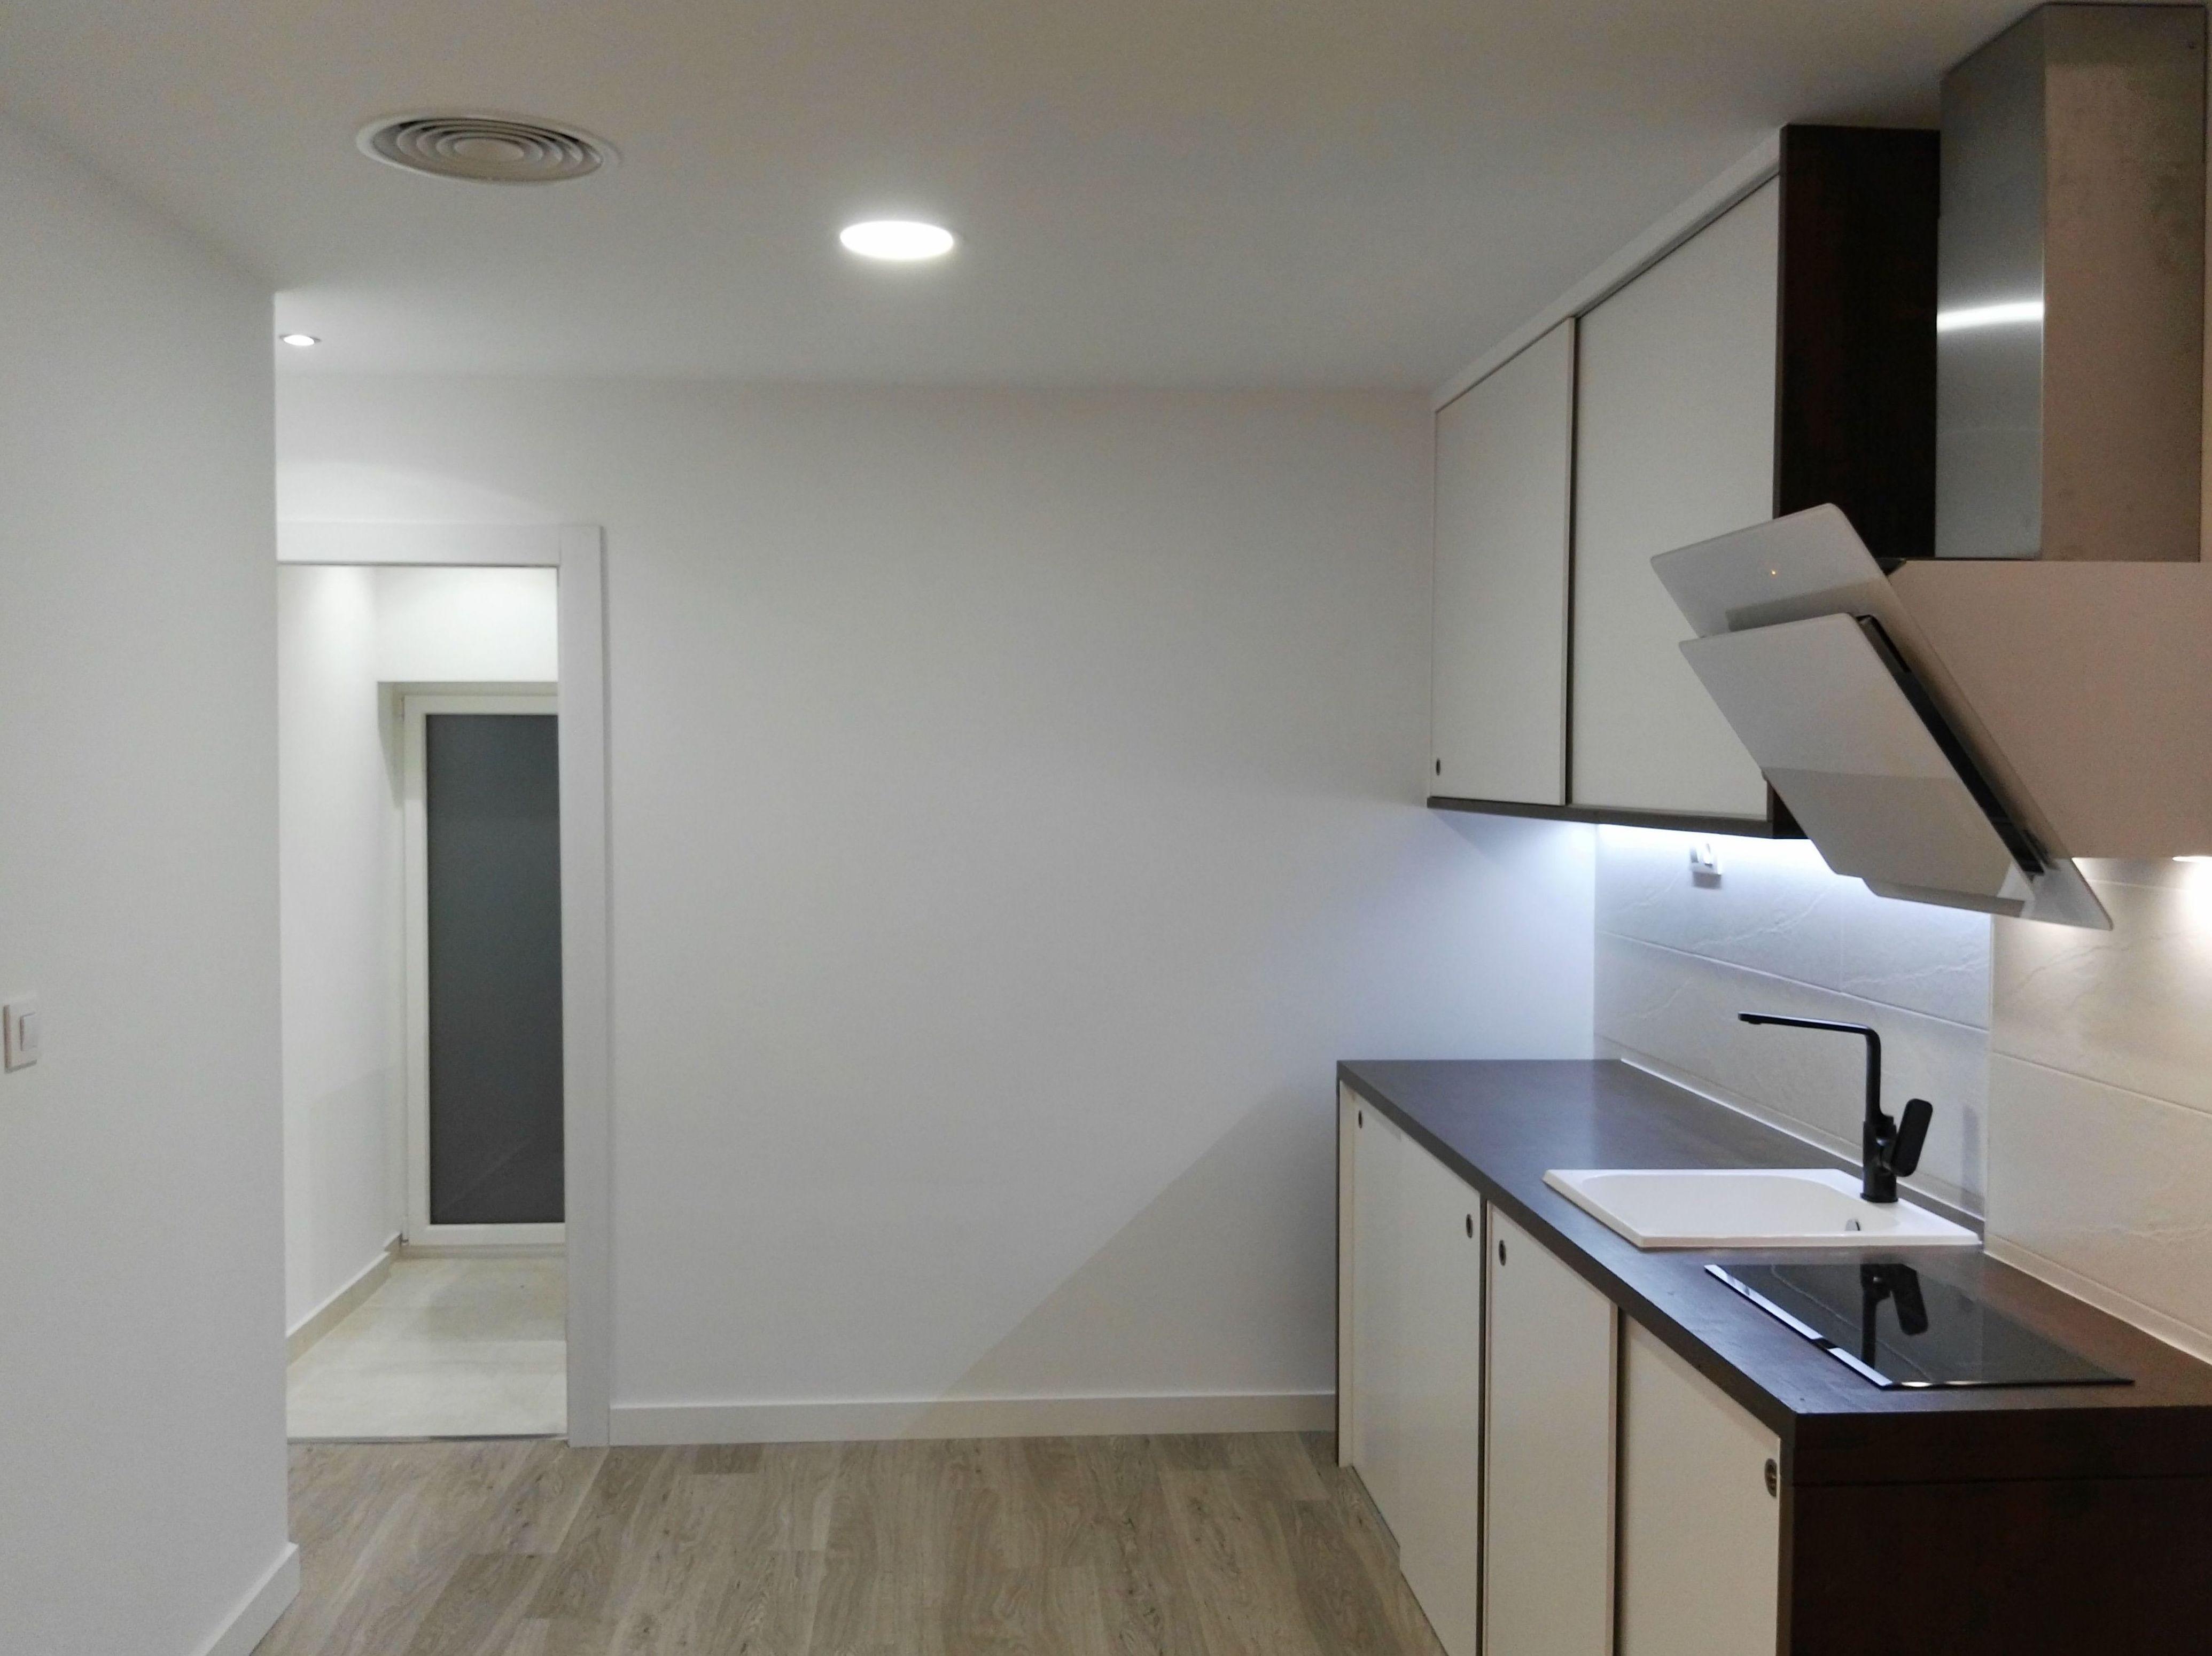 Diseño de interiores en todo tipo de espacio